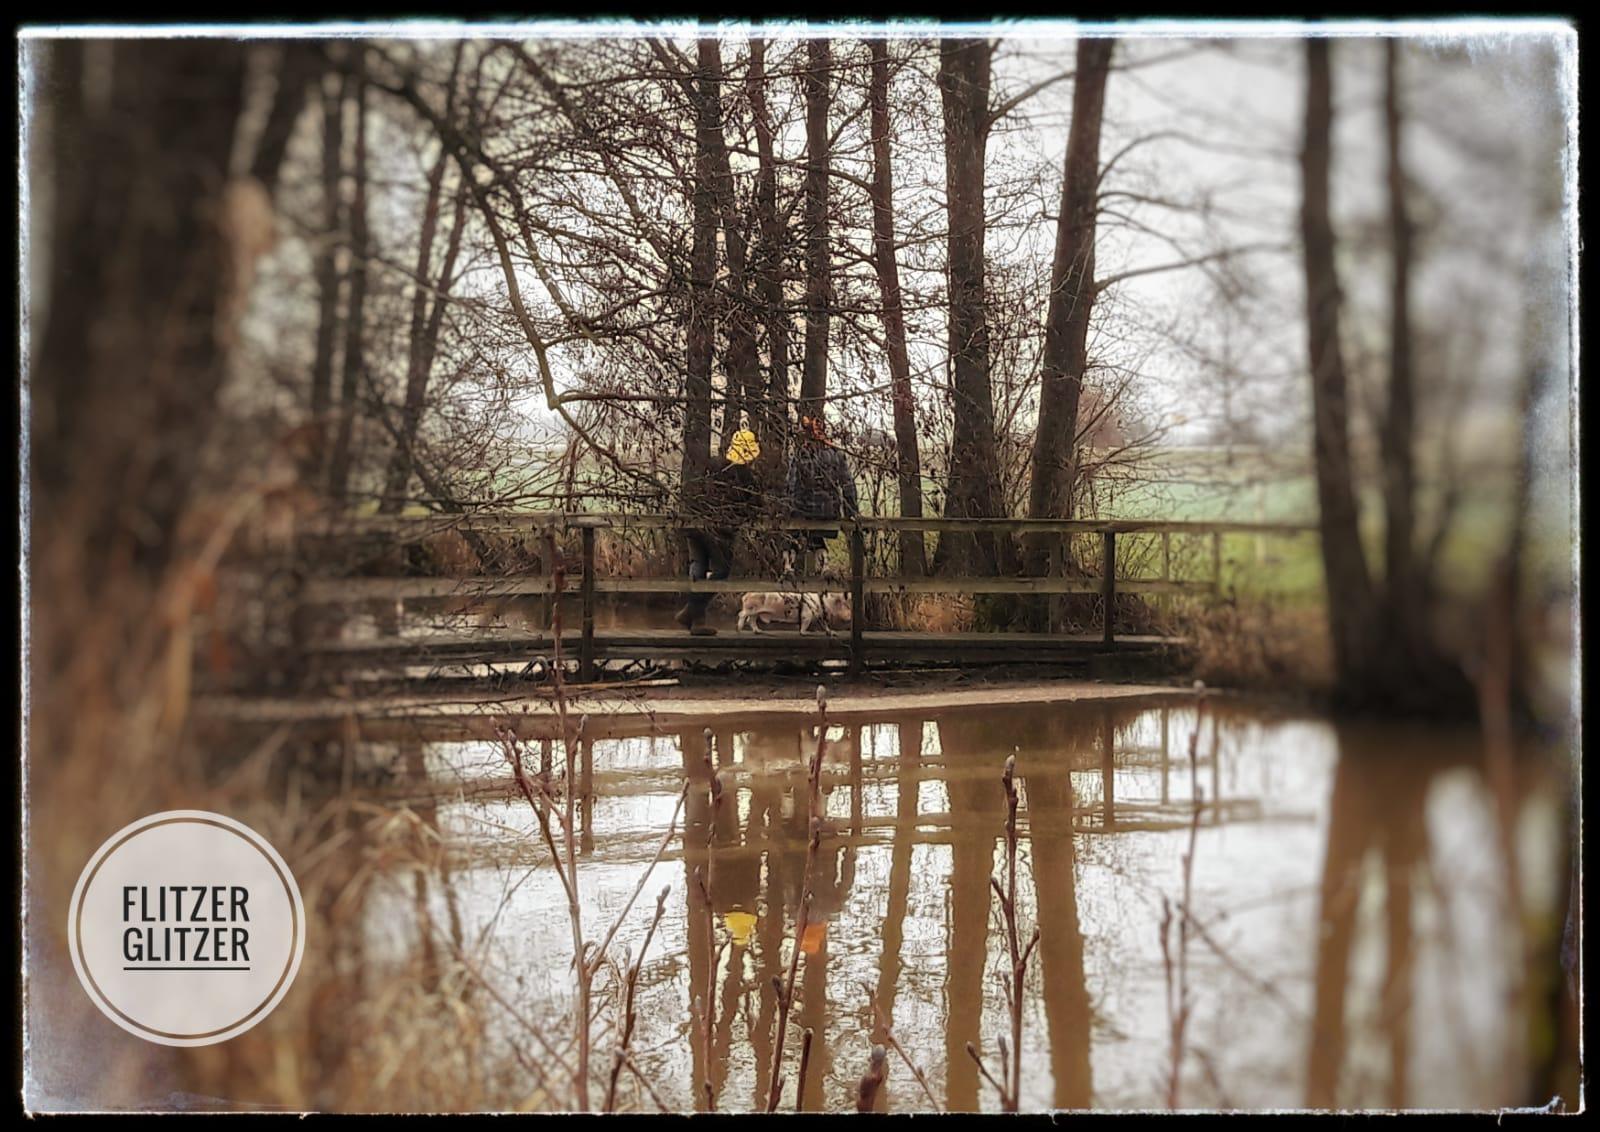 Das Hochwasser des kleinen Flusses reicht bis zur Unterkante dieser wunderschönen kleinen Holzbrücke.